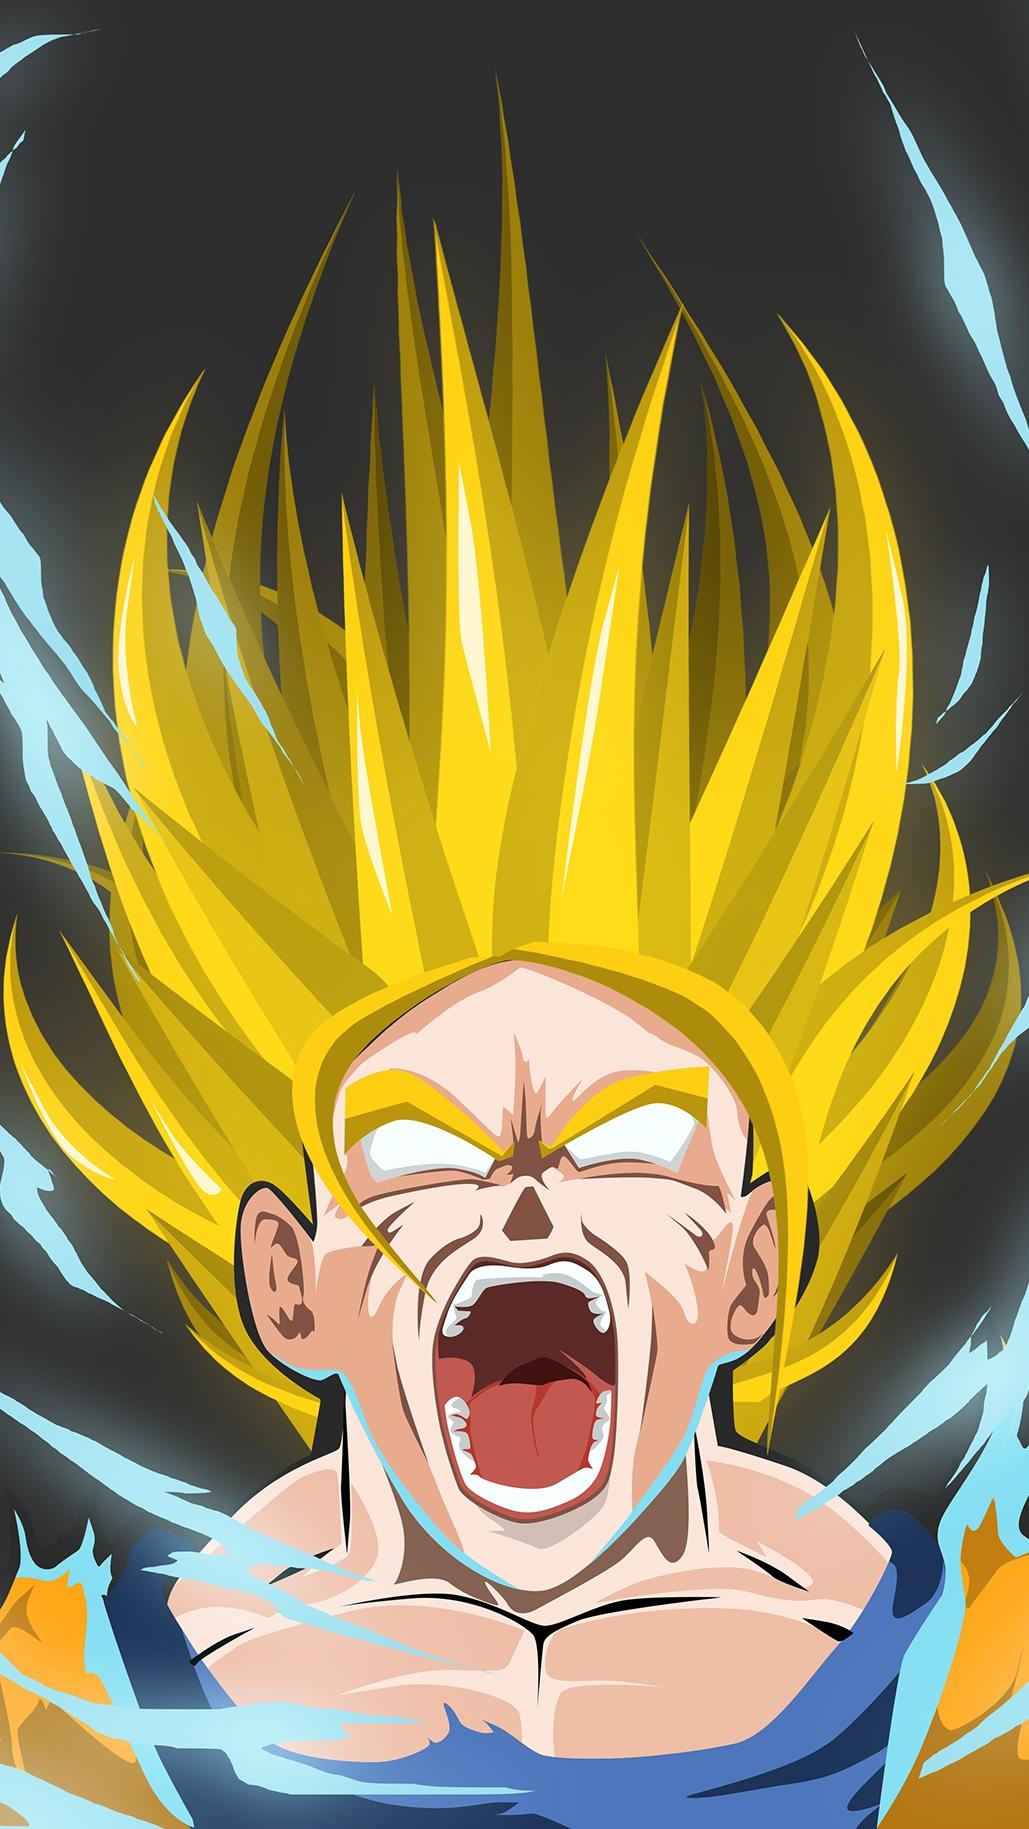 Goku Super Saiyan iPhone Wallpaper iphoneswallpapers com